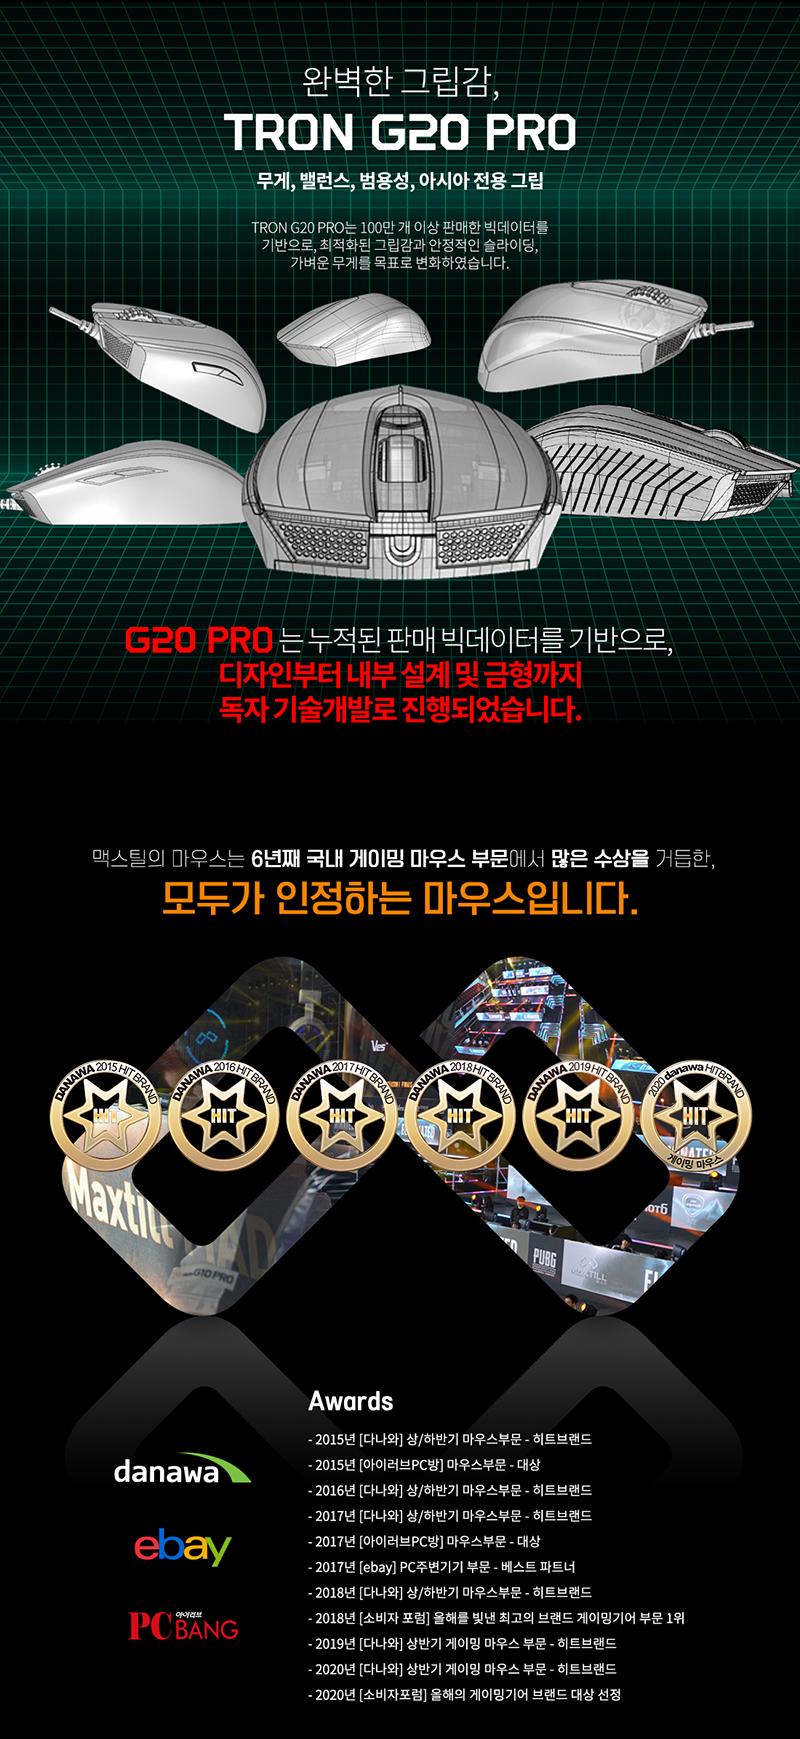 MAXTILL TRON G20 PRO PMW 3330 RGB 게이밍마우스 (블랙)